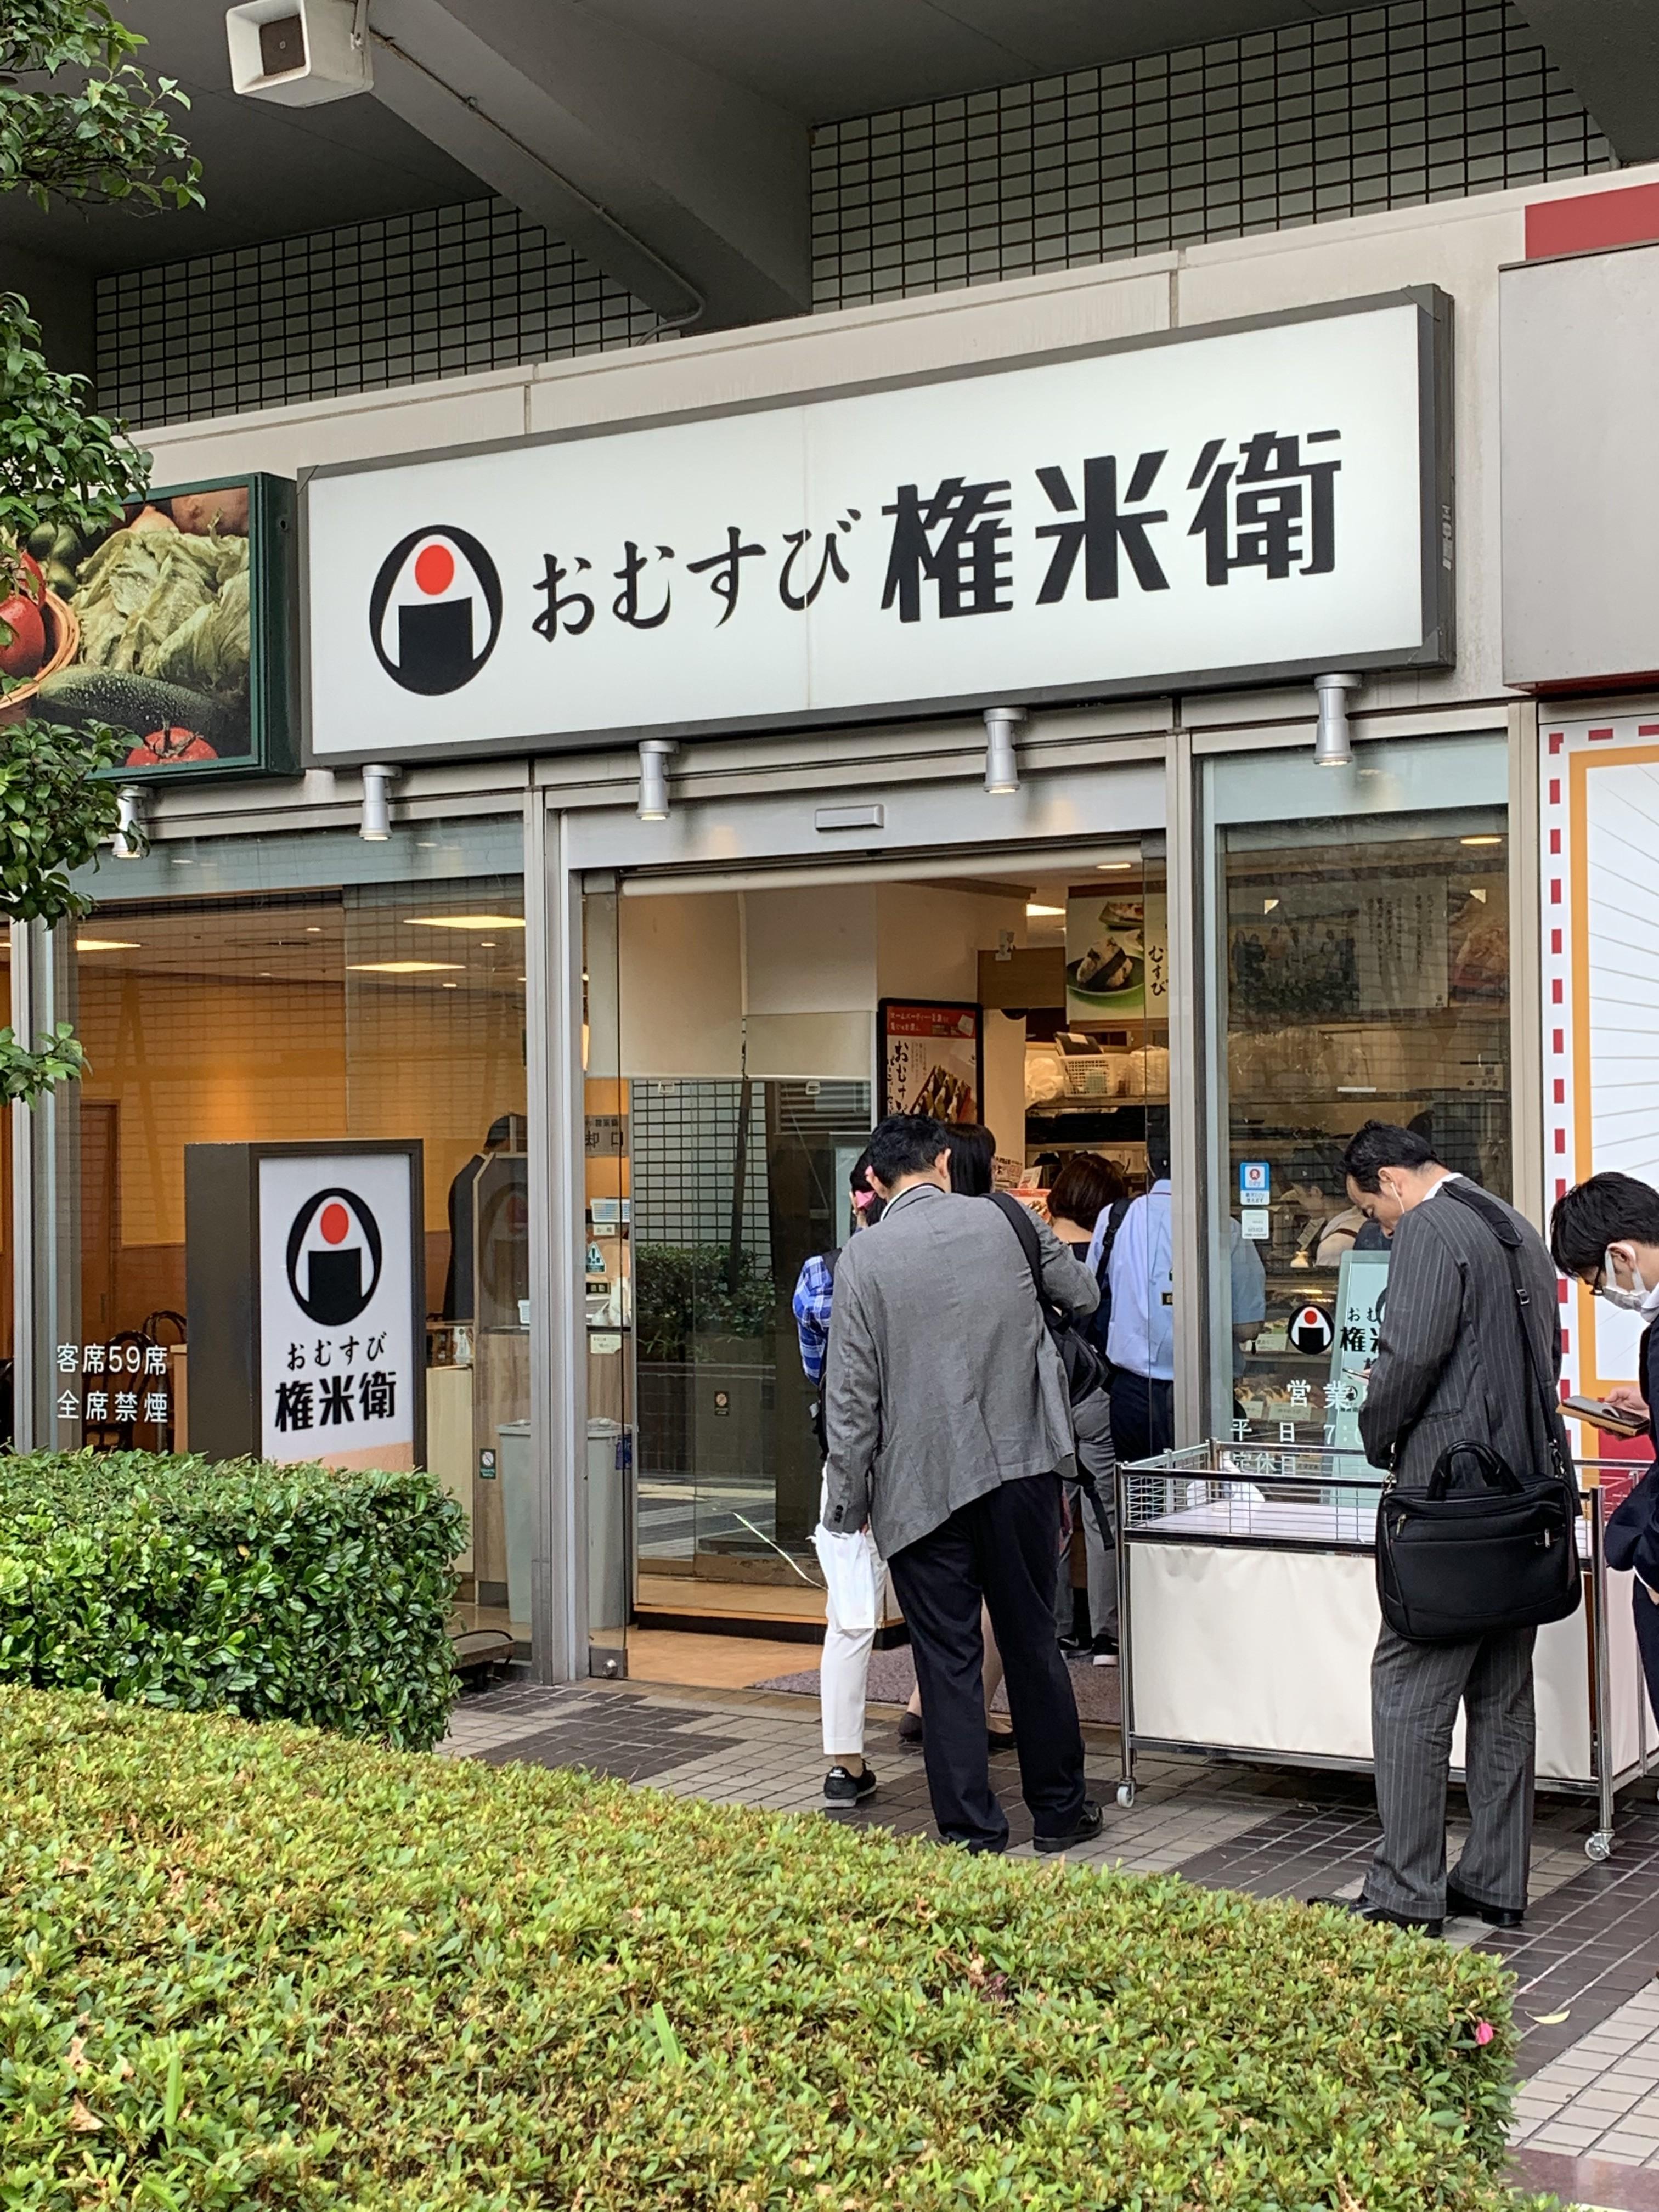 【大崎】おむすび権米衛/大崎ニューシティ3F。朝7:00開店、出勤時のサラリーマンやOLが立ち寄る大人気の行列店。